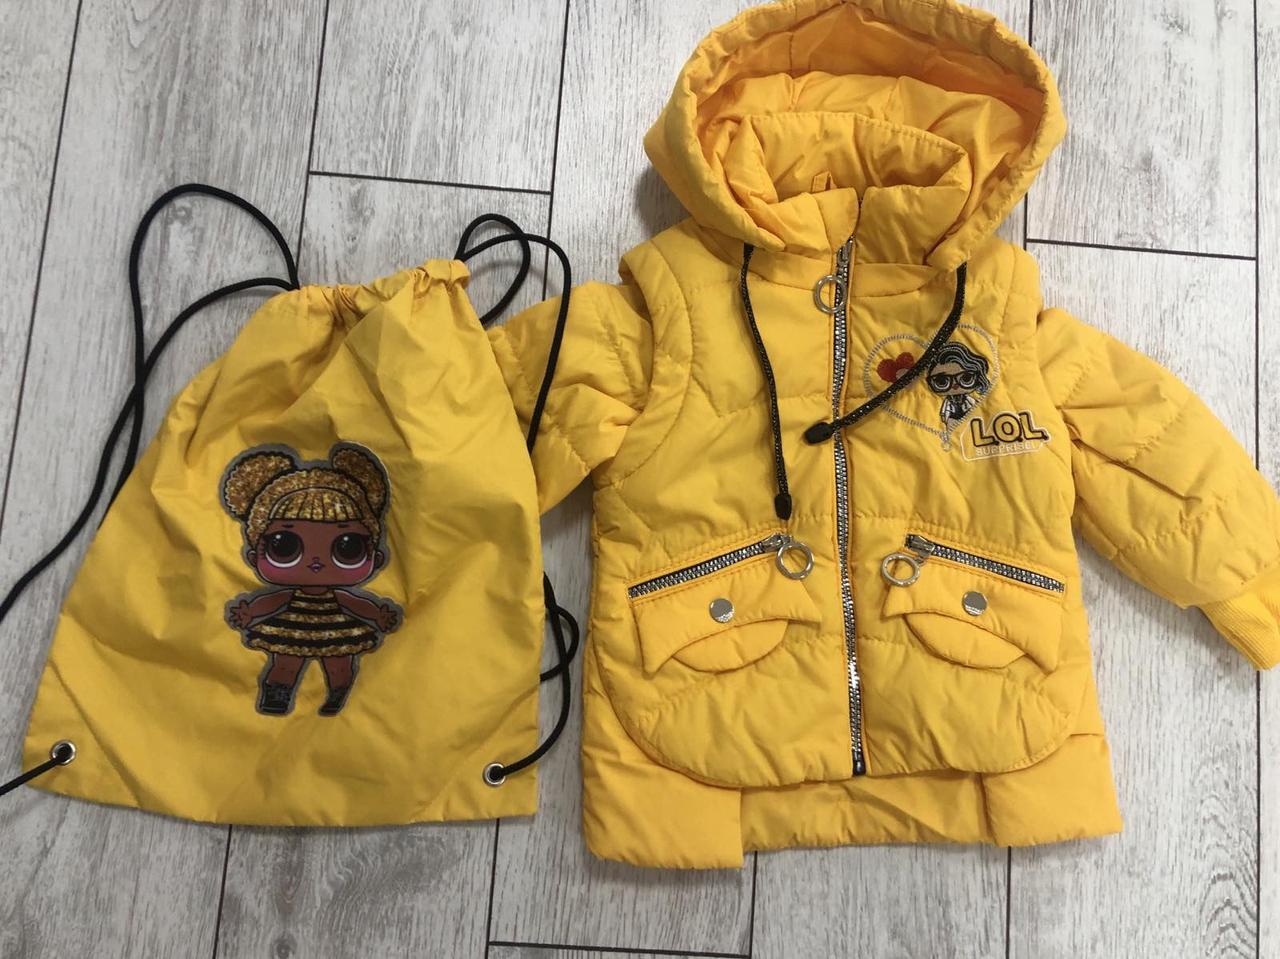 Детская демисезонная куртка для девочек жилет 24 желтый без сумки